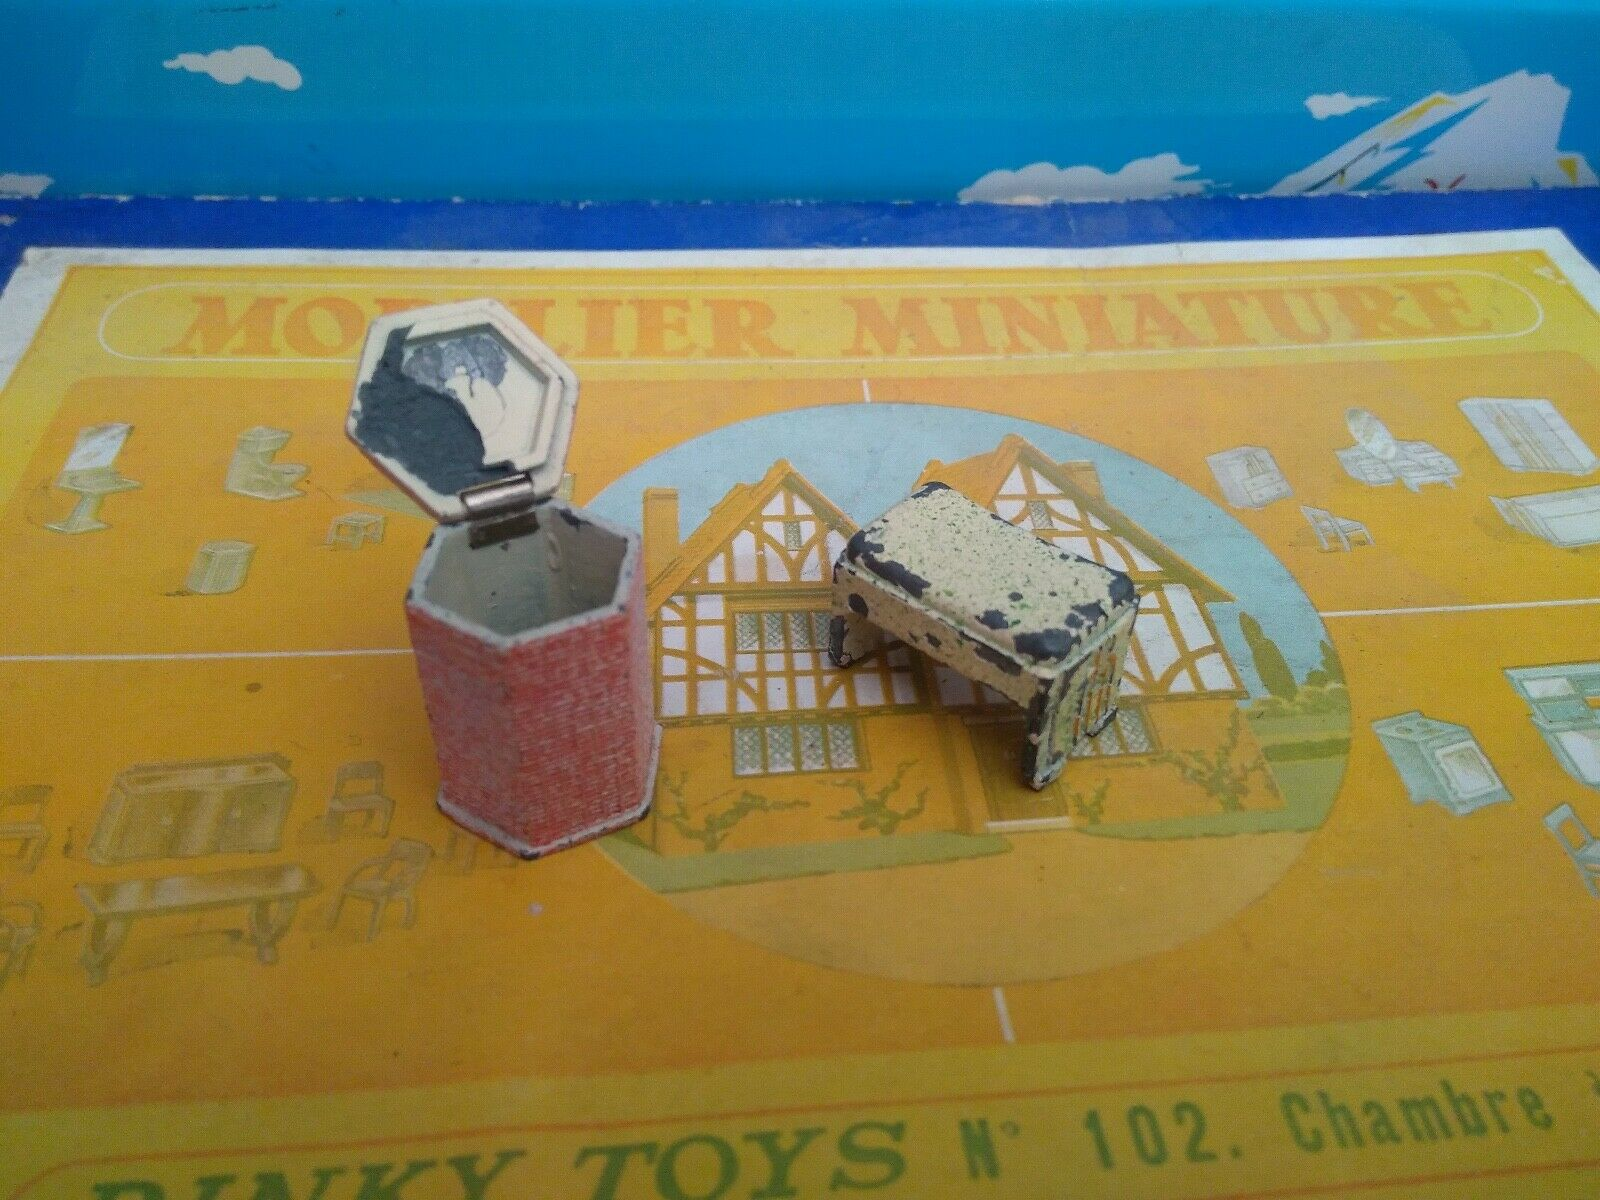 DINKY TOYS FRANCE MOBILIER MINIATURE SALLE DE BAINS REF 104 POUBELLE + TABOURET